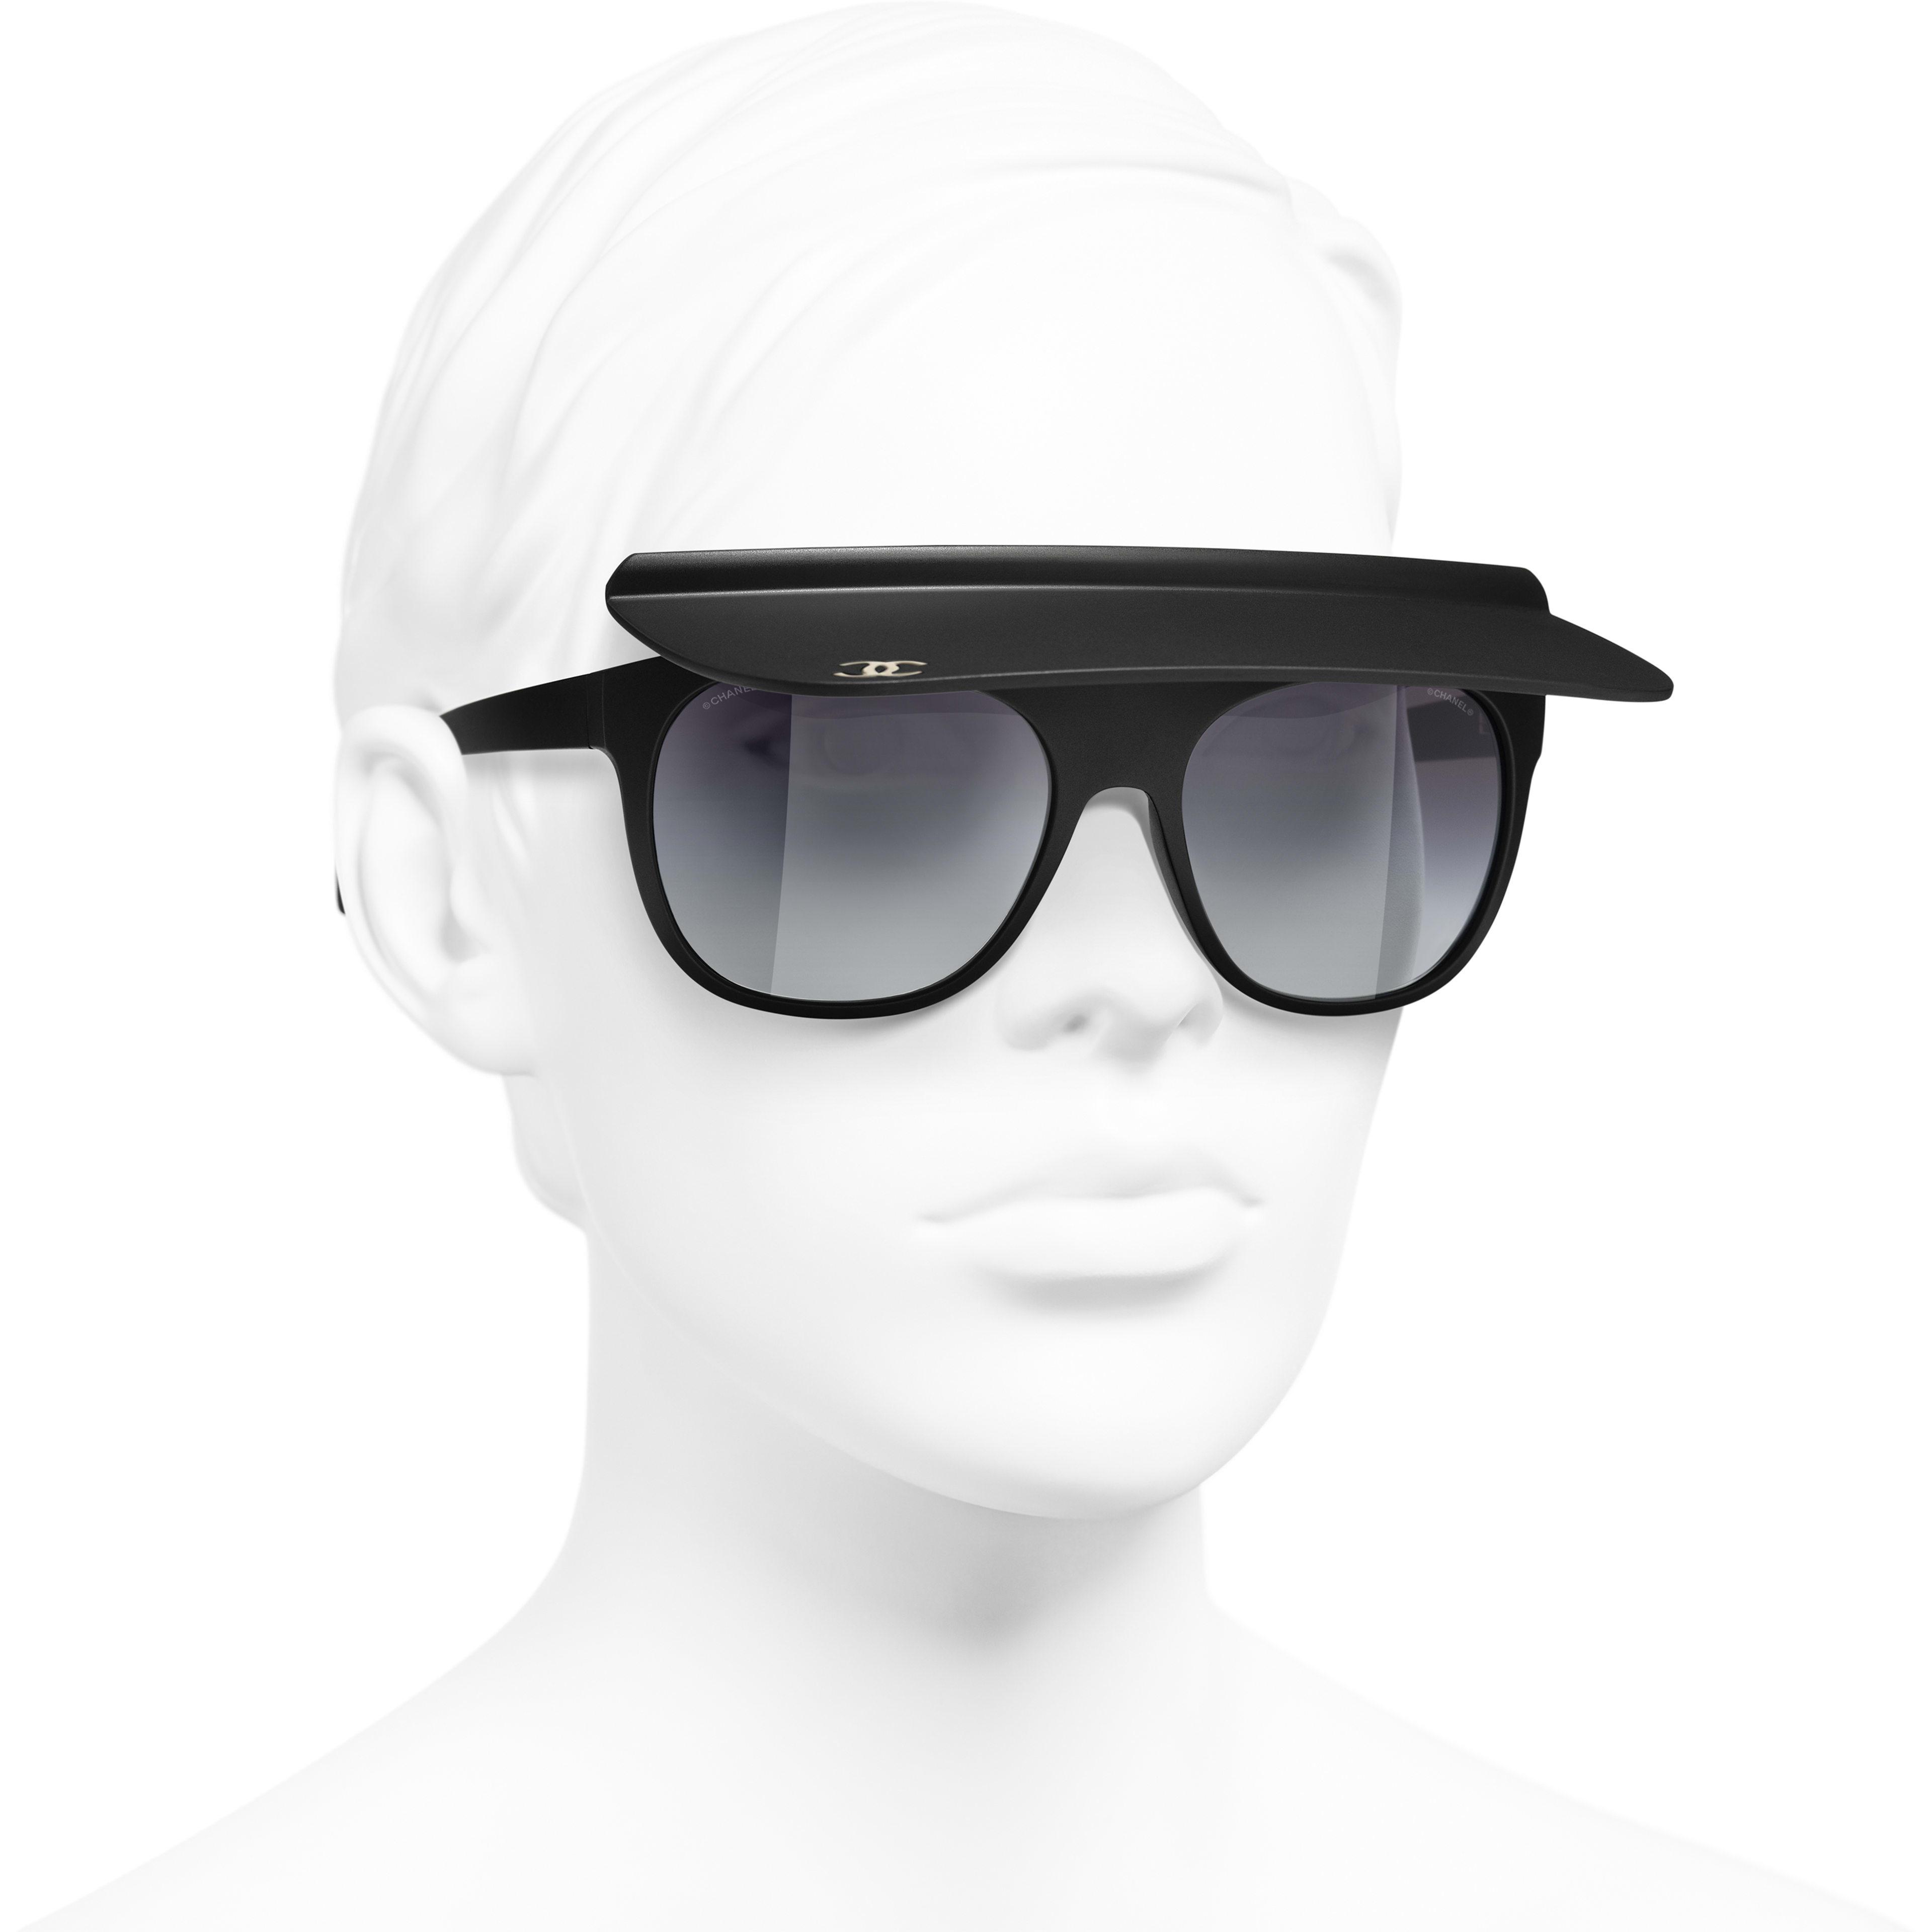 Visor Sunglasses - Zwart - Nylon - CHANEL - Gedragen weergave 3/4 - zie versie op standaardgrootte